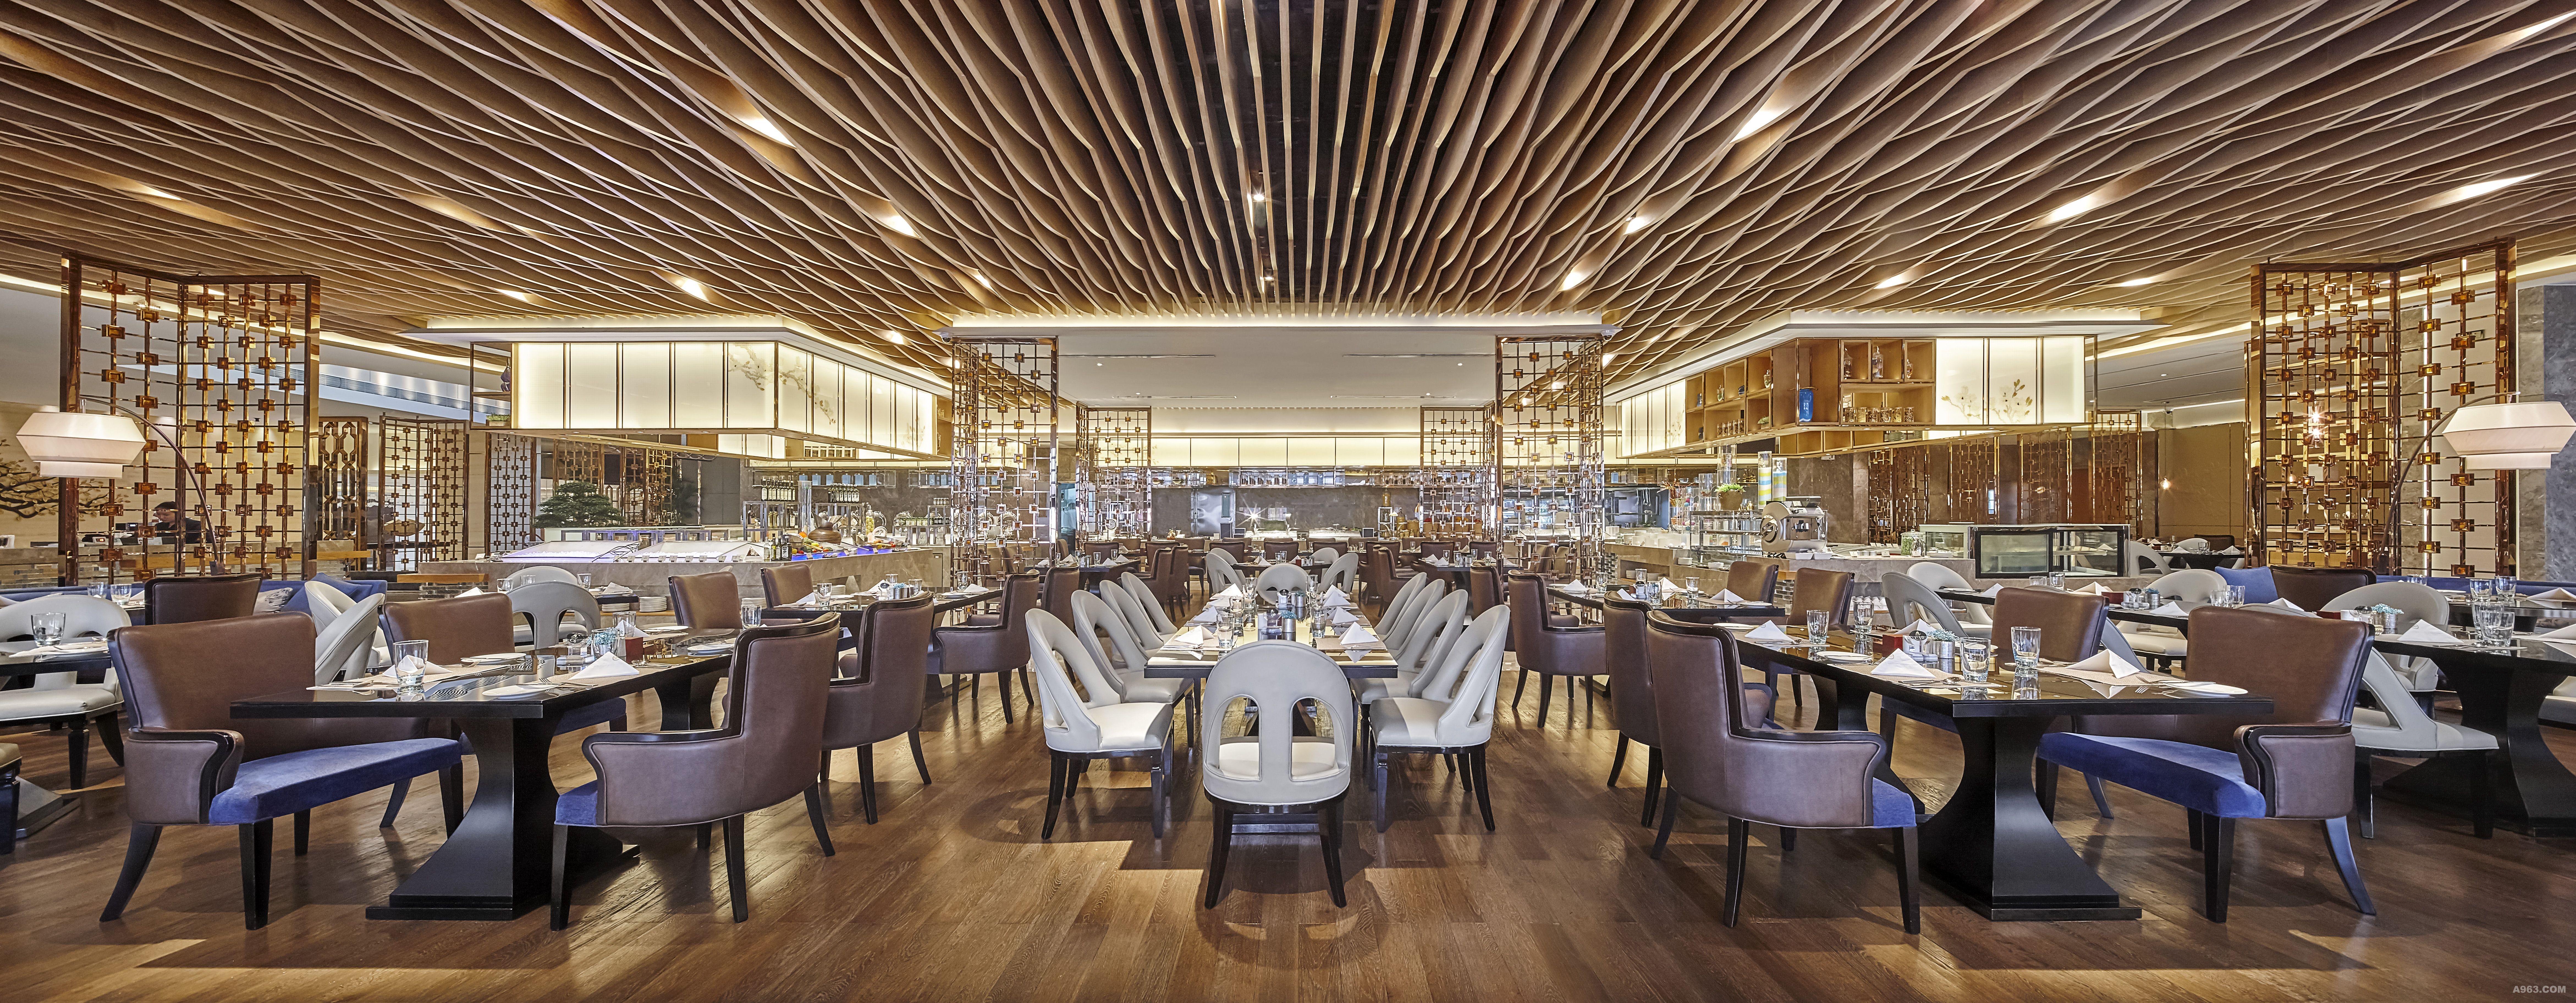 東莞康帝國際酒店西餐廳